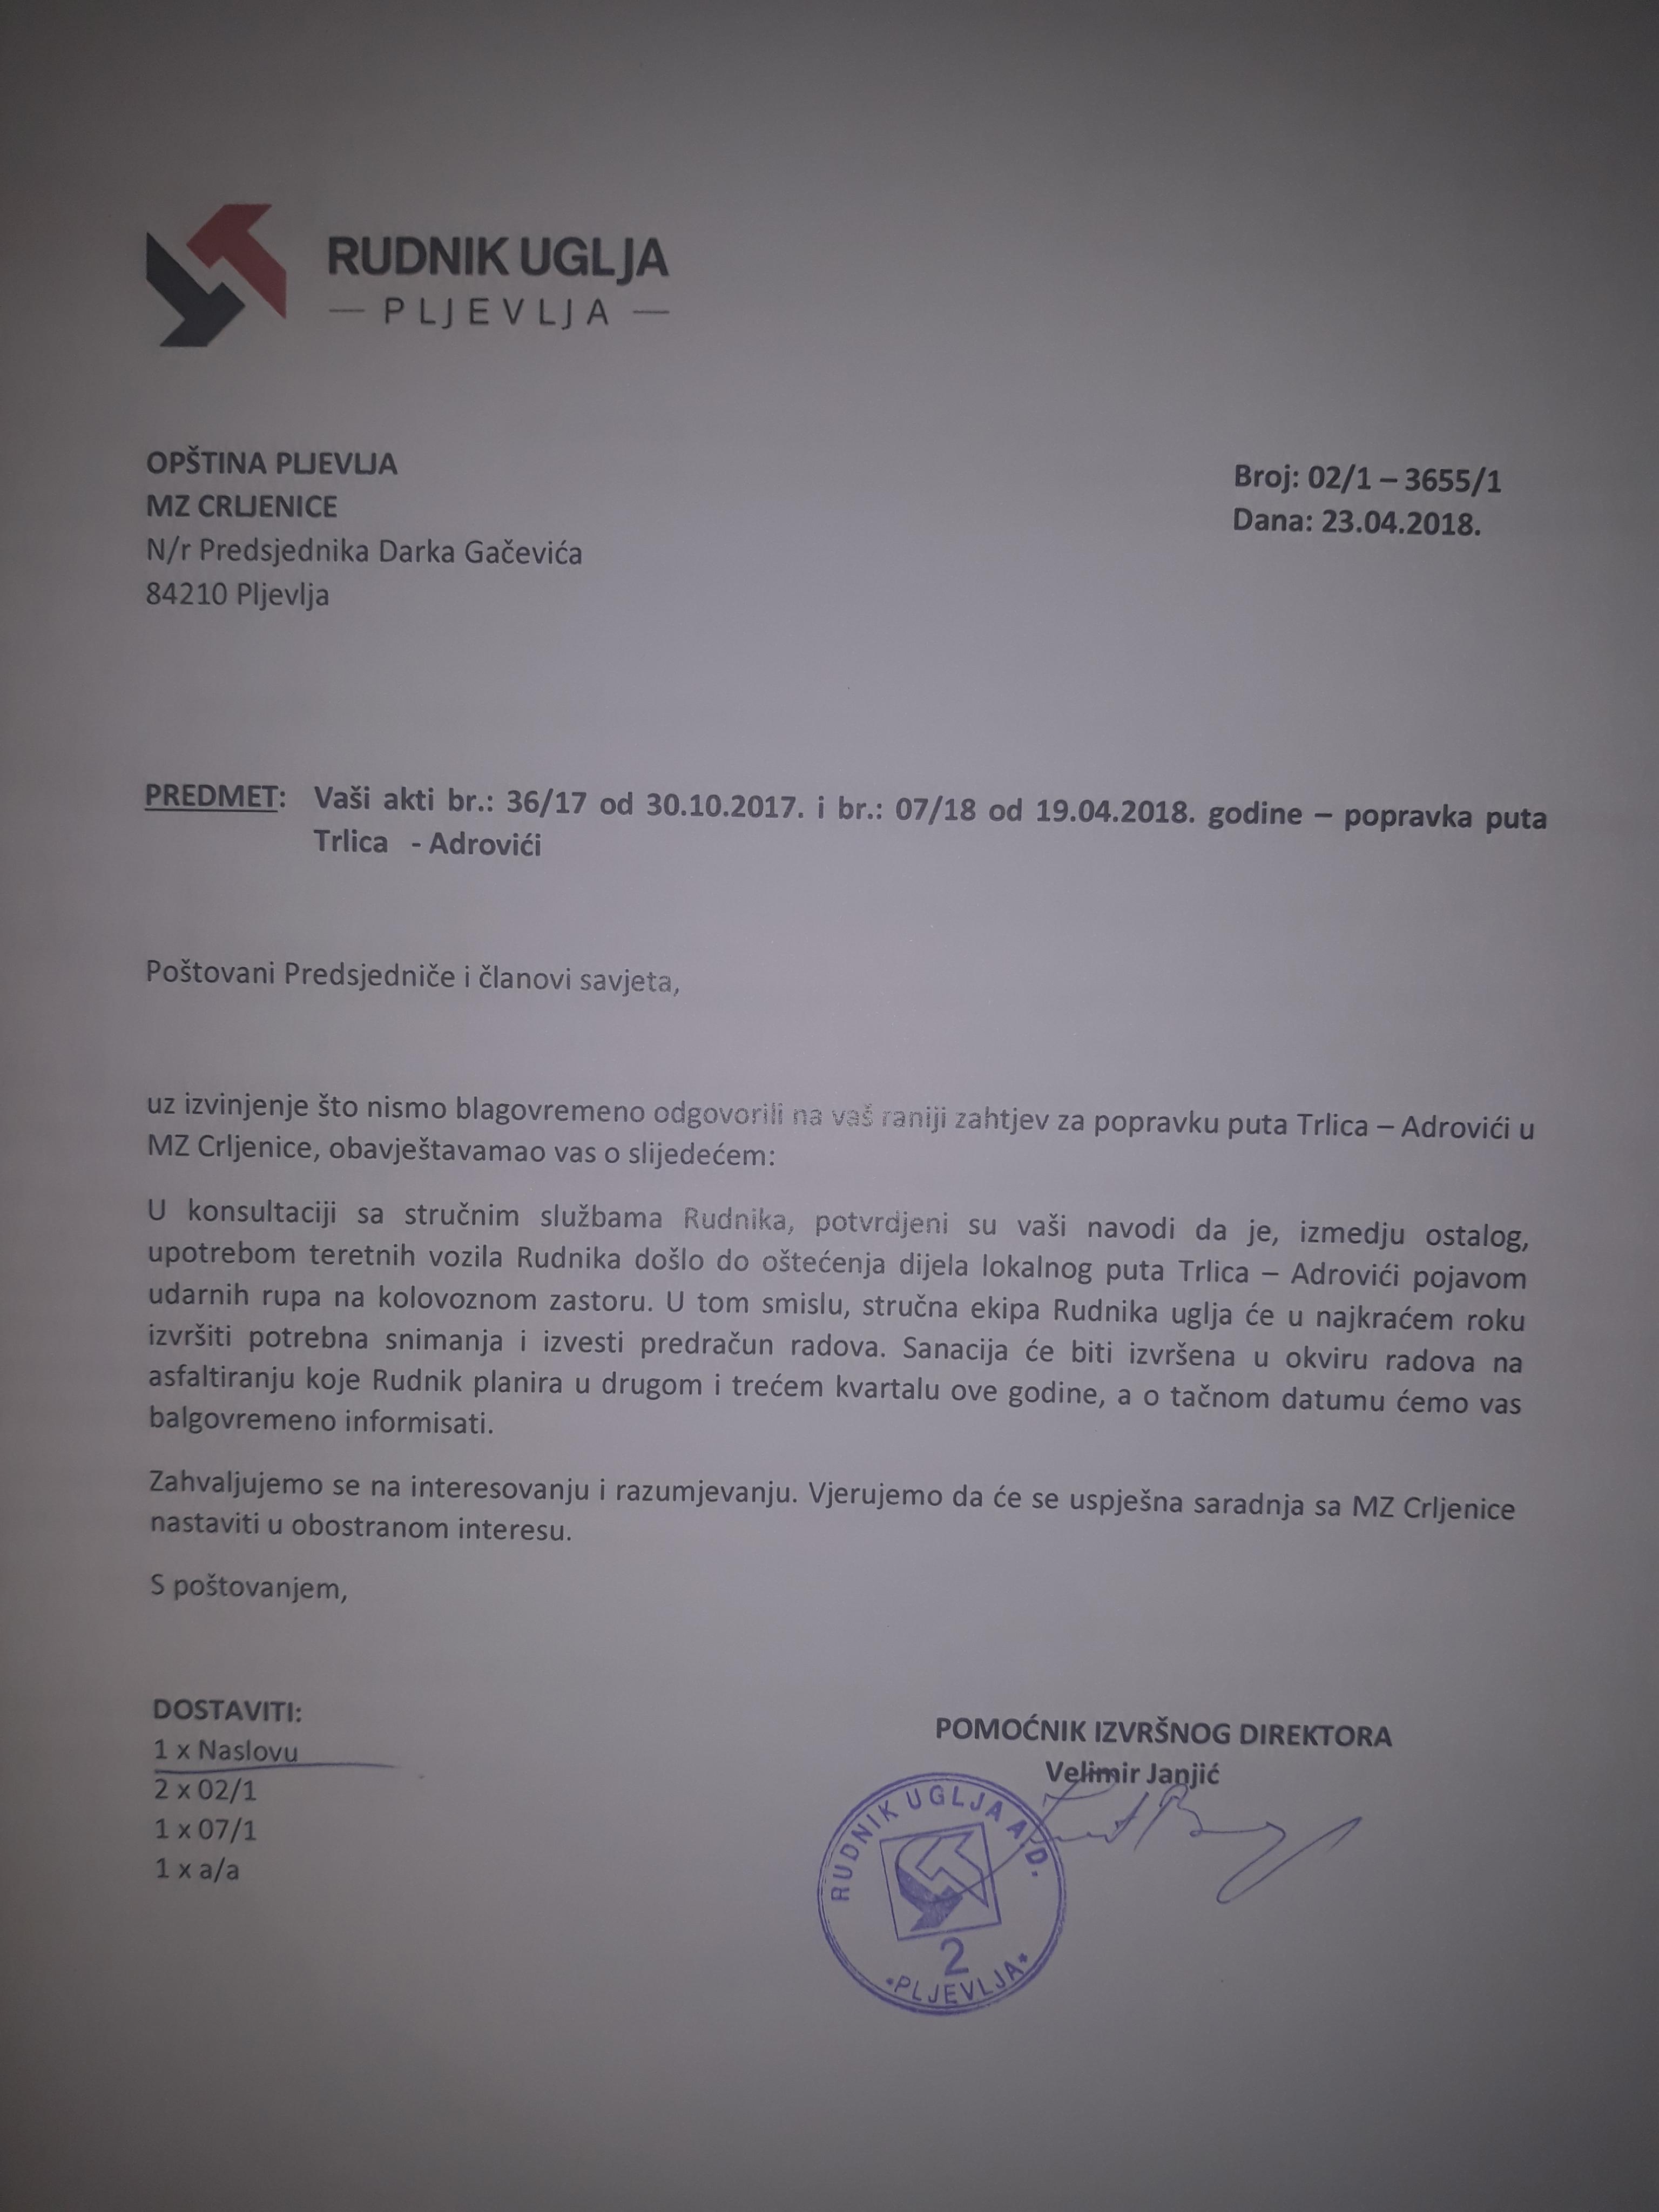 Odgovor pomoćnika izvršnog direktora Rudnika Velimira Janjića